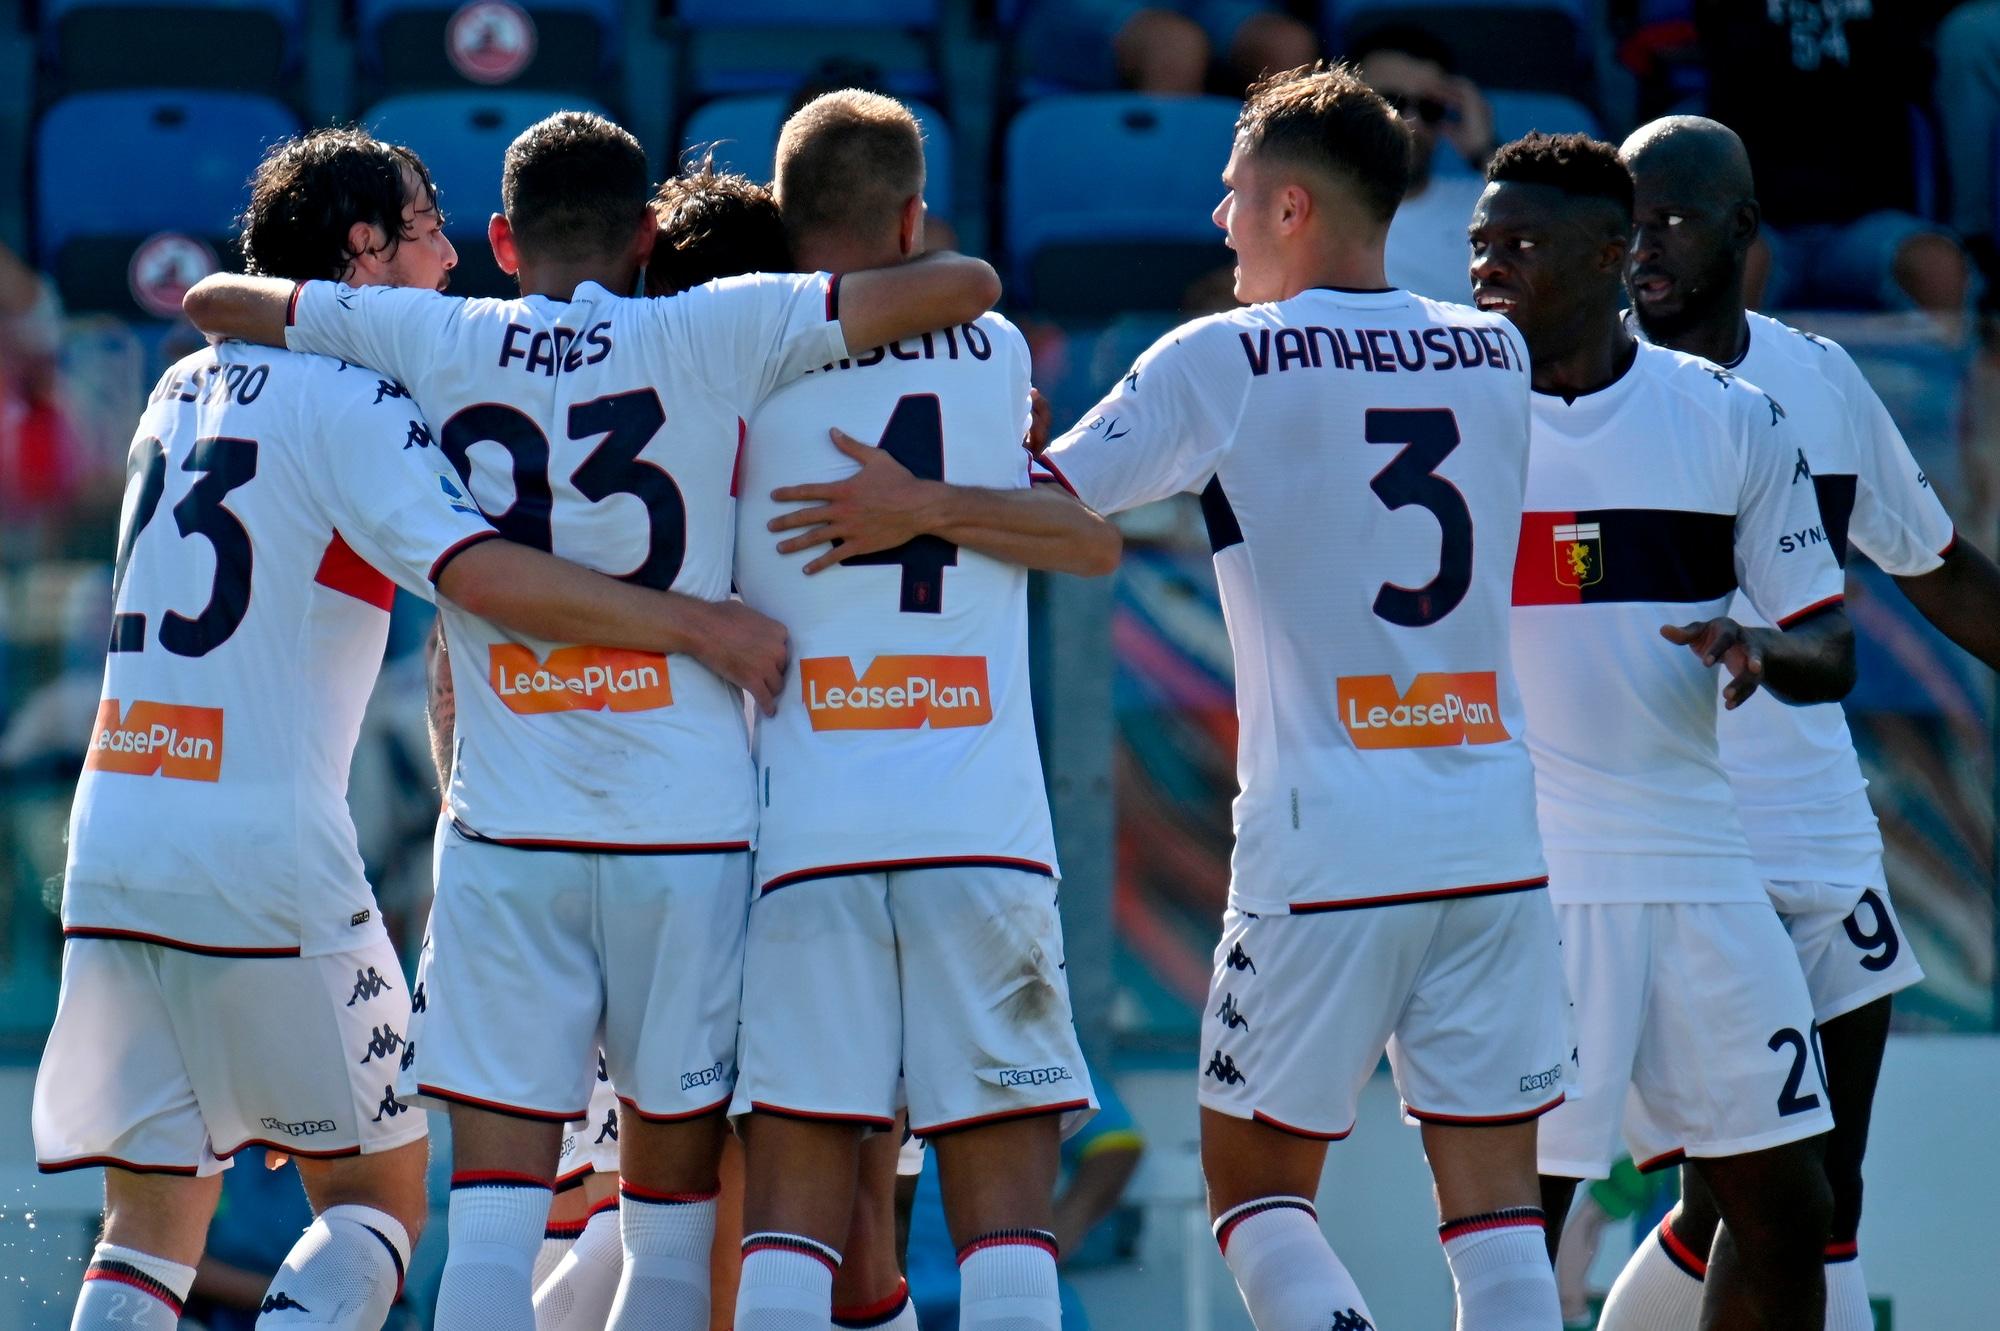 Fares decisivo in Cagliari-Genoa: entra e segna una doppietta